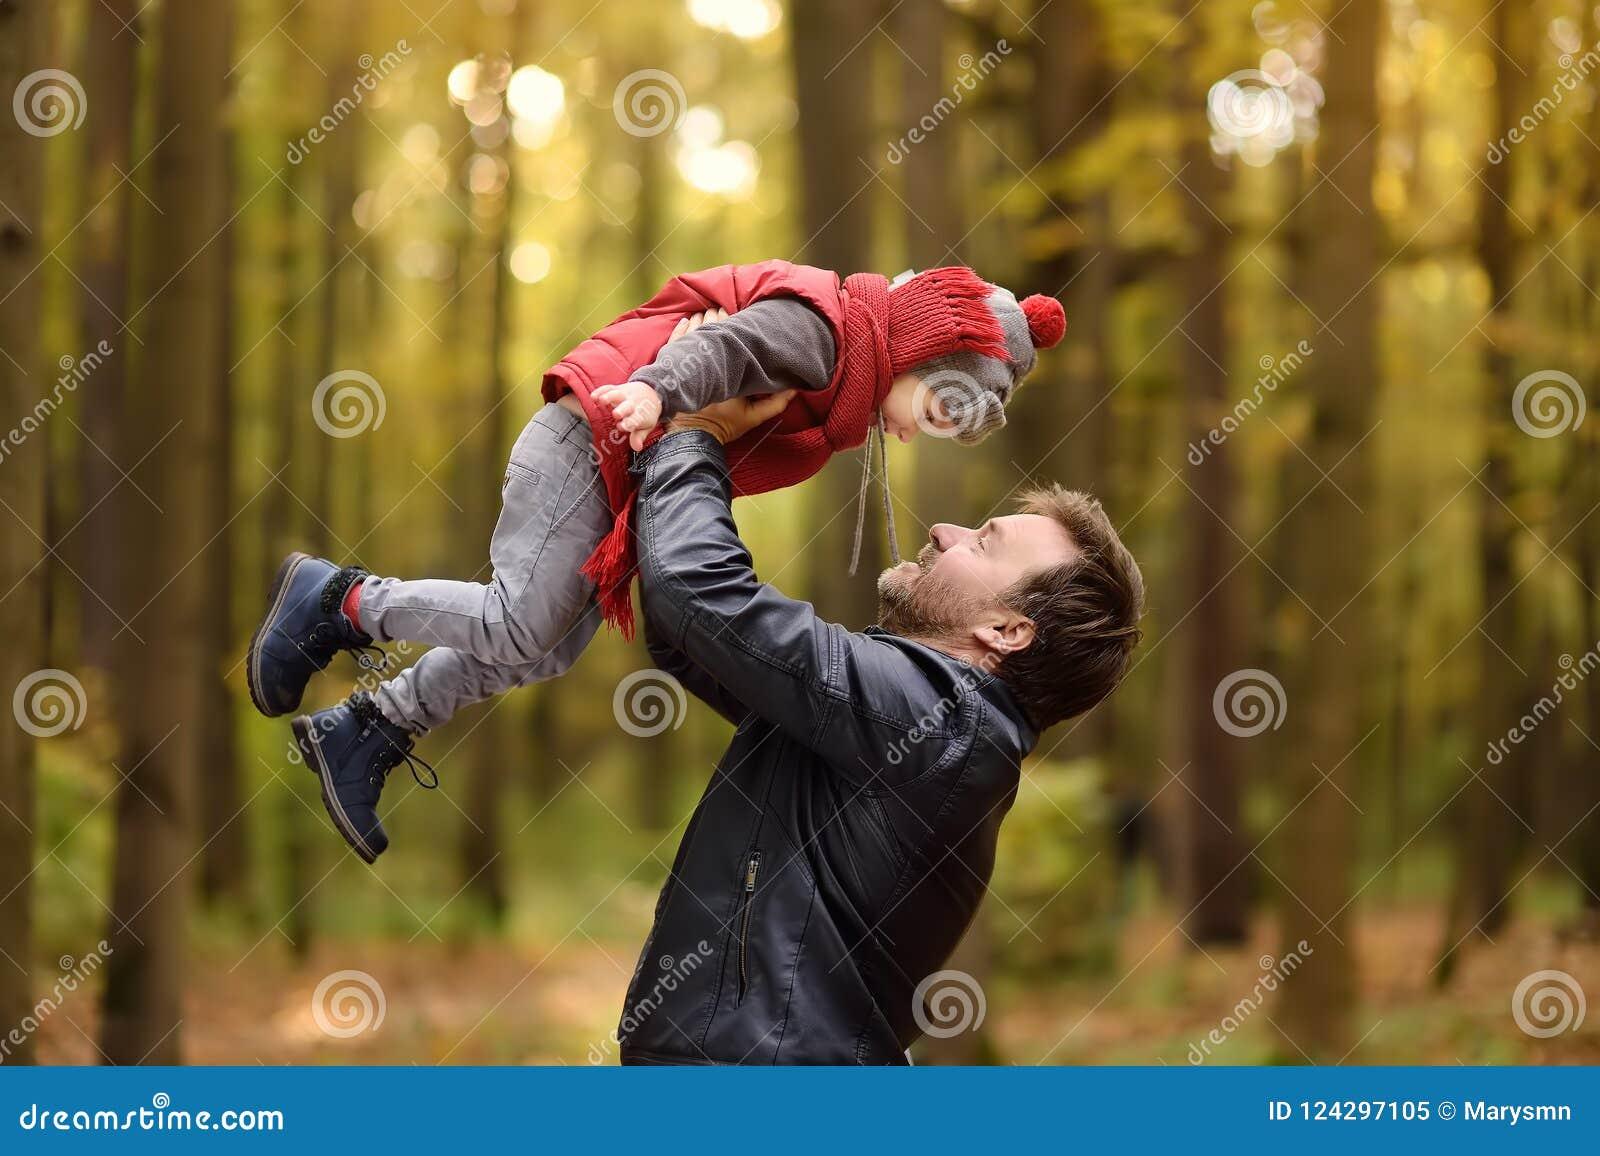 Niño pequeño con su padre durante paseo en el bosque